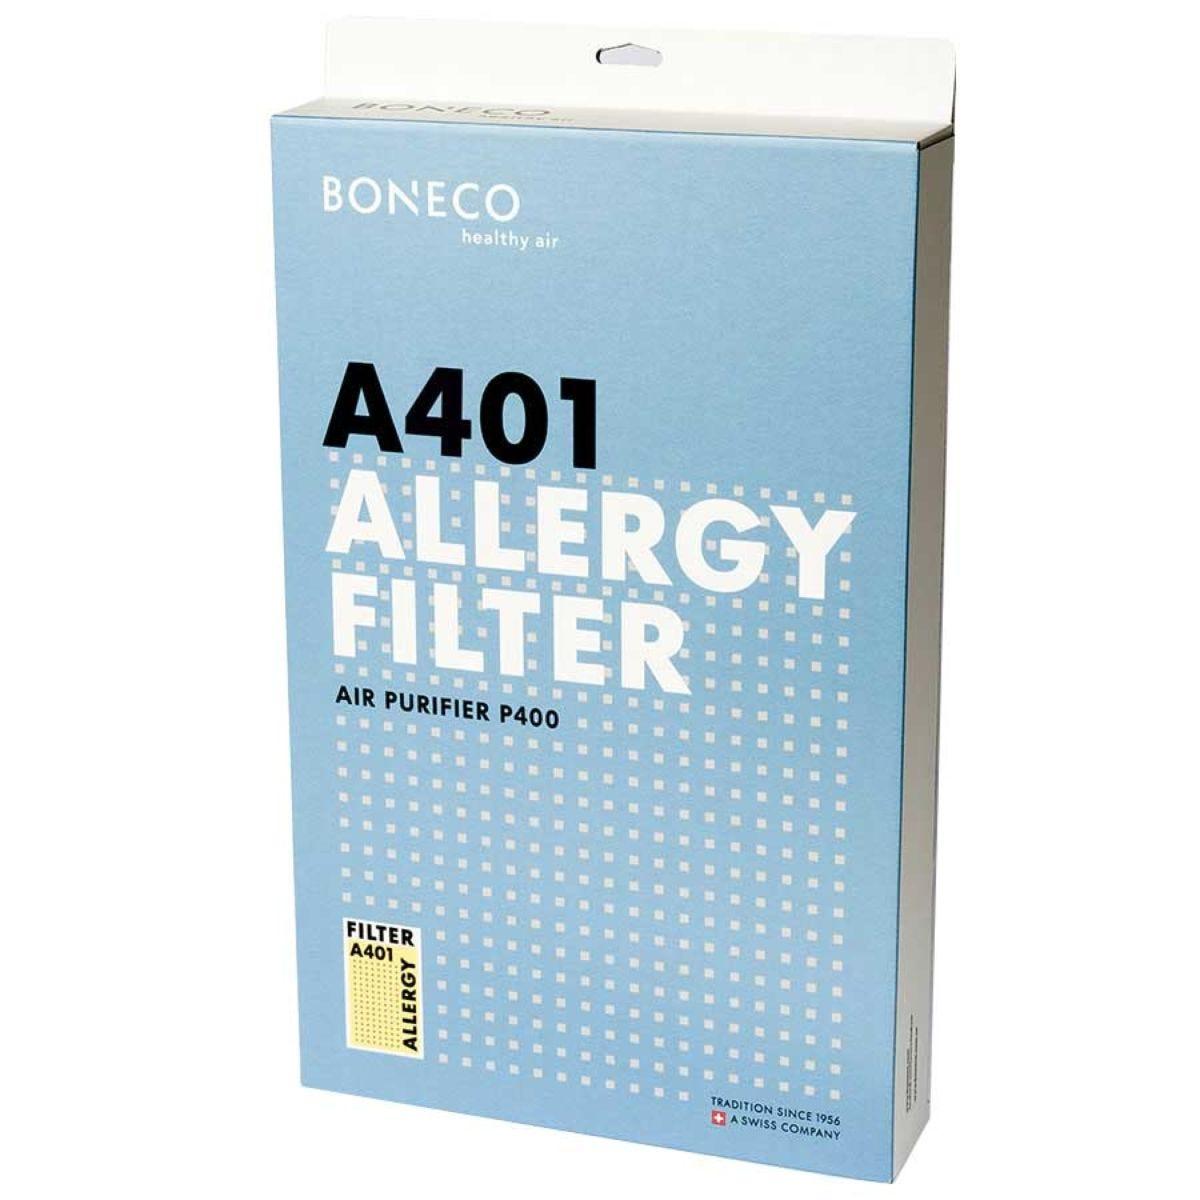 Boneco P400 Allergy Filter